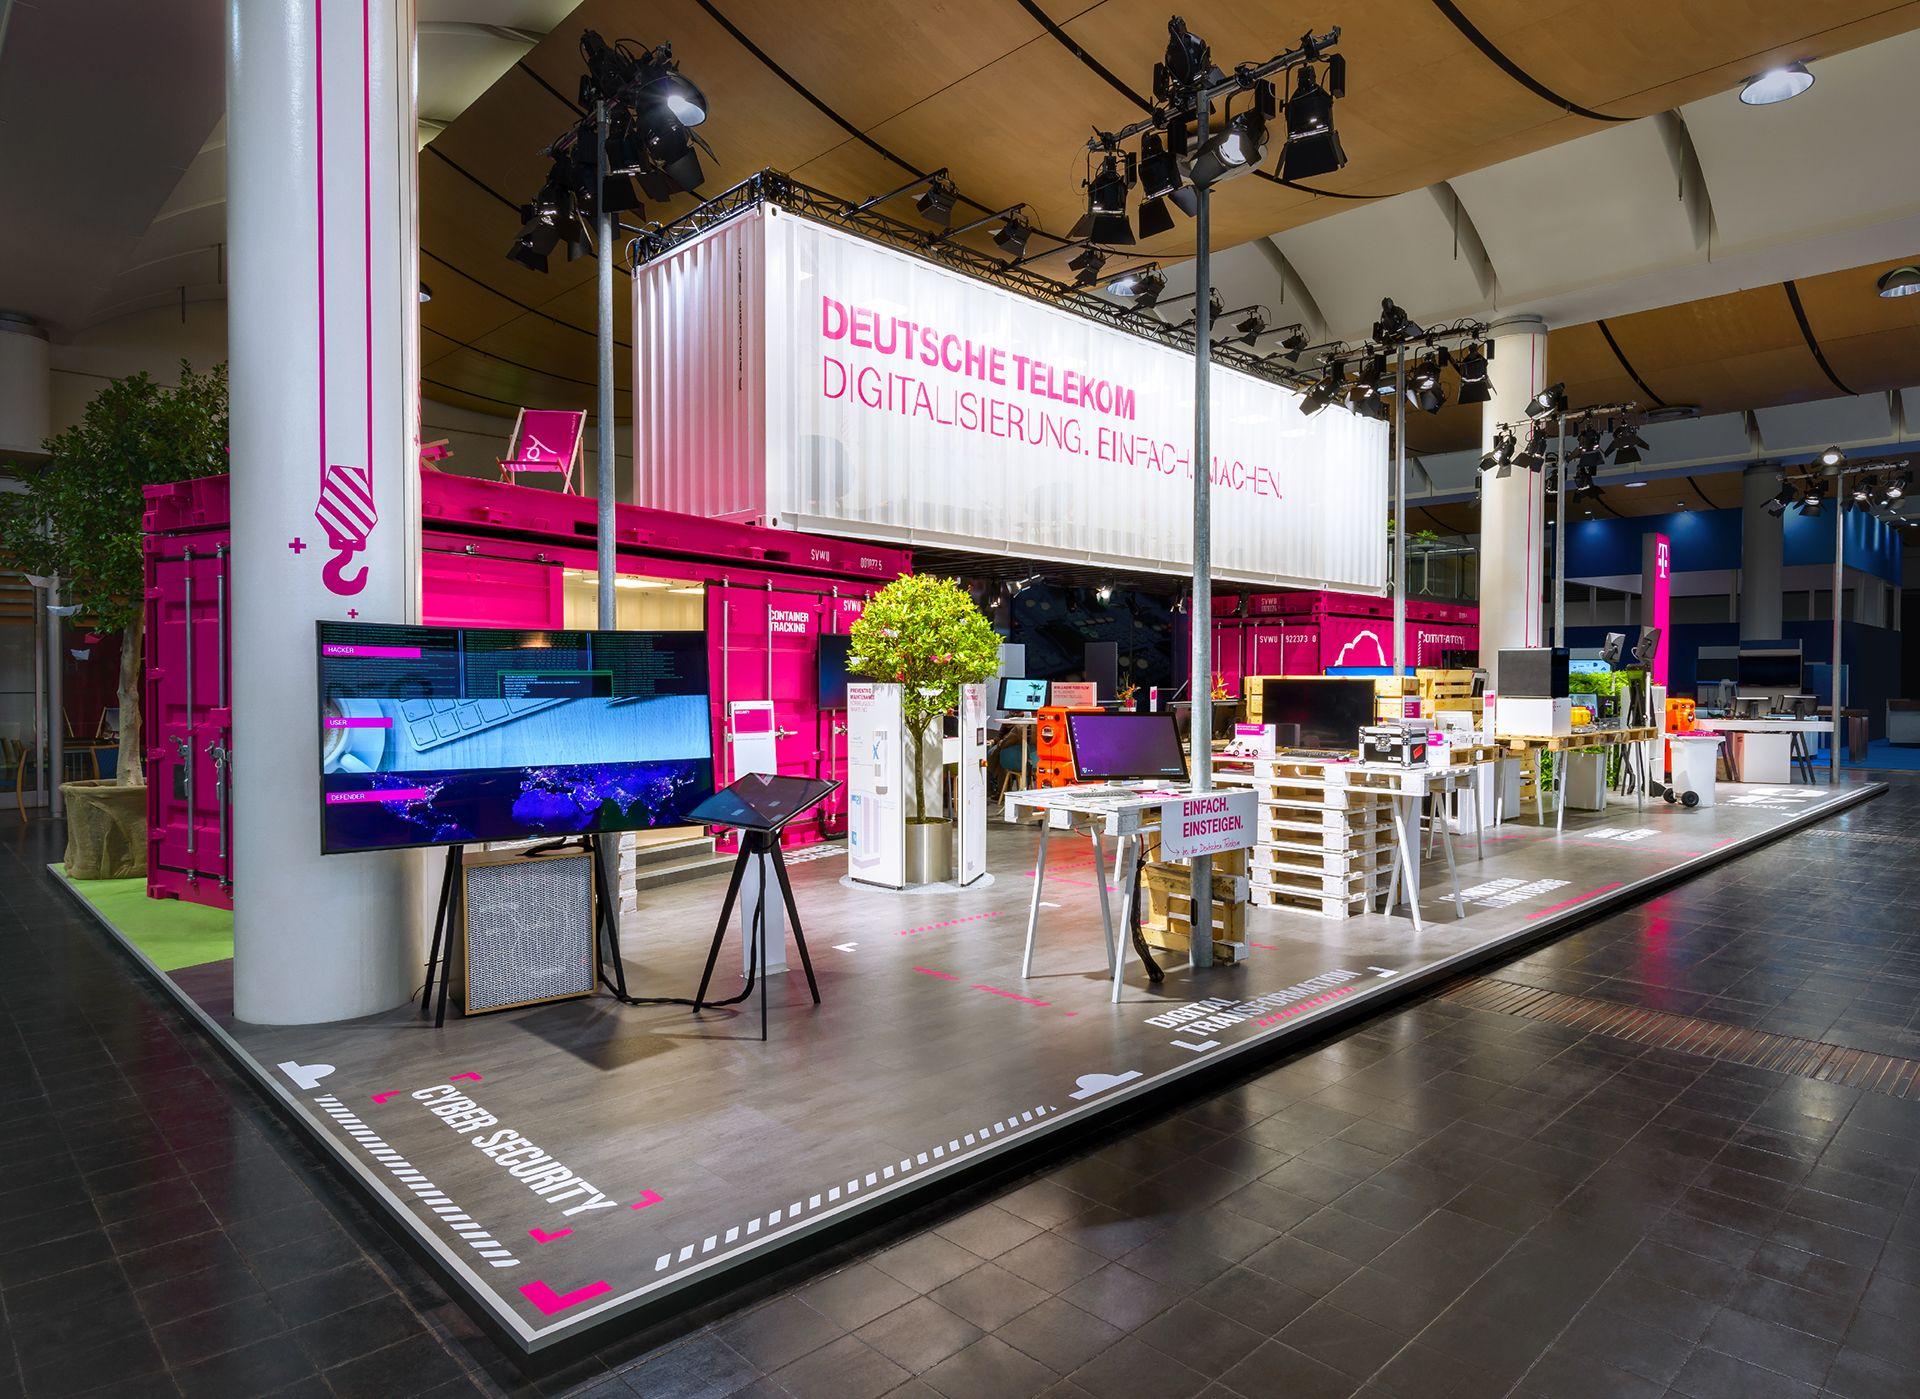 Exhibition Design Deutsche Telekom Hannover Messe 2016 on